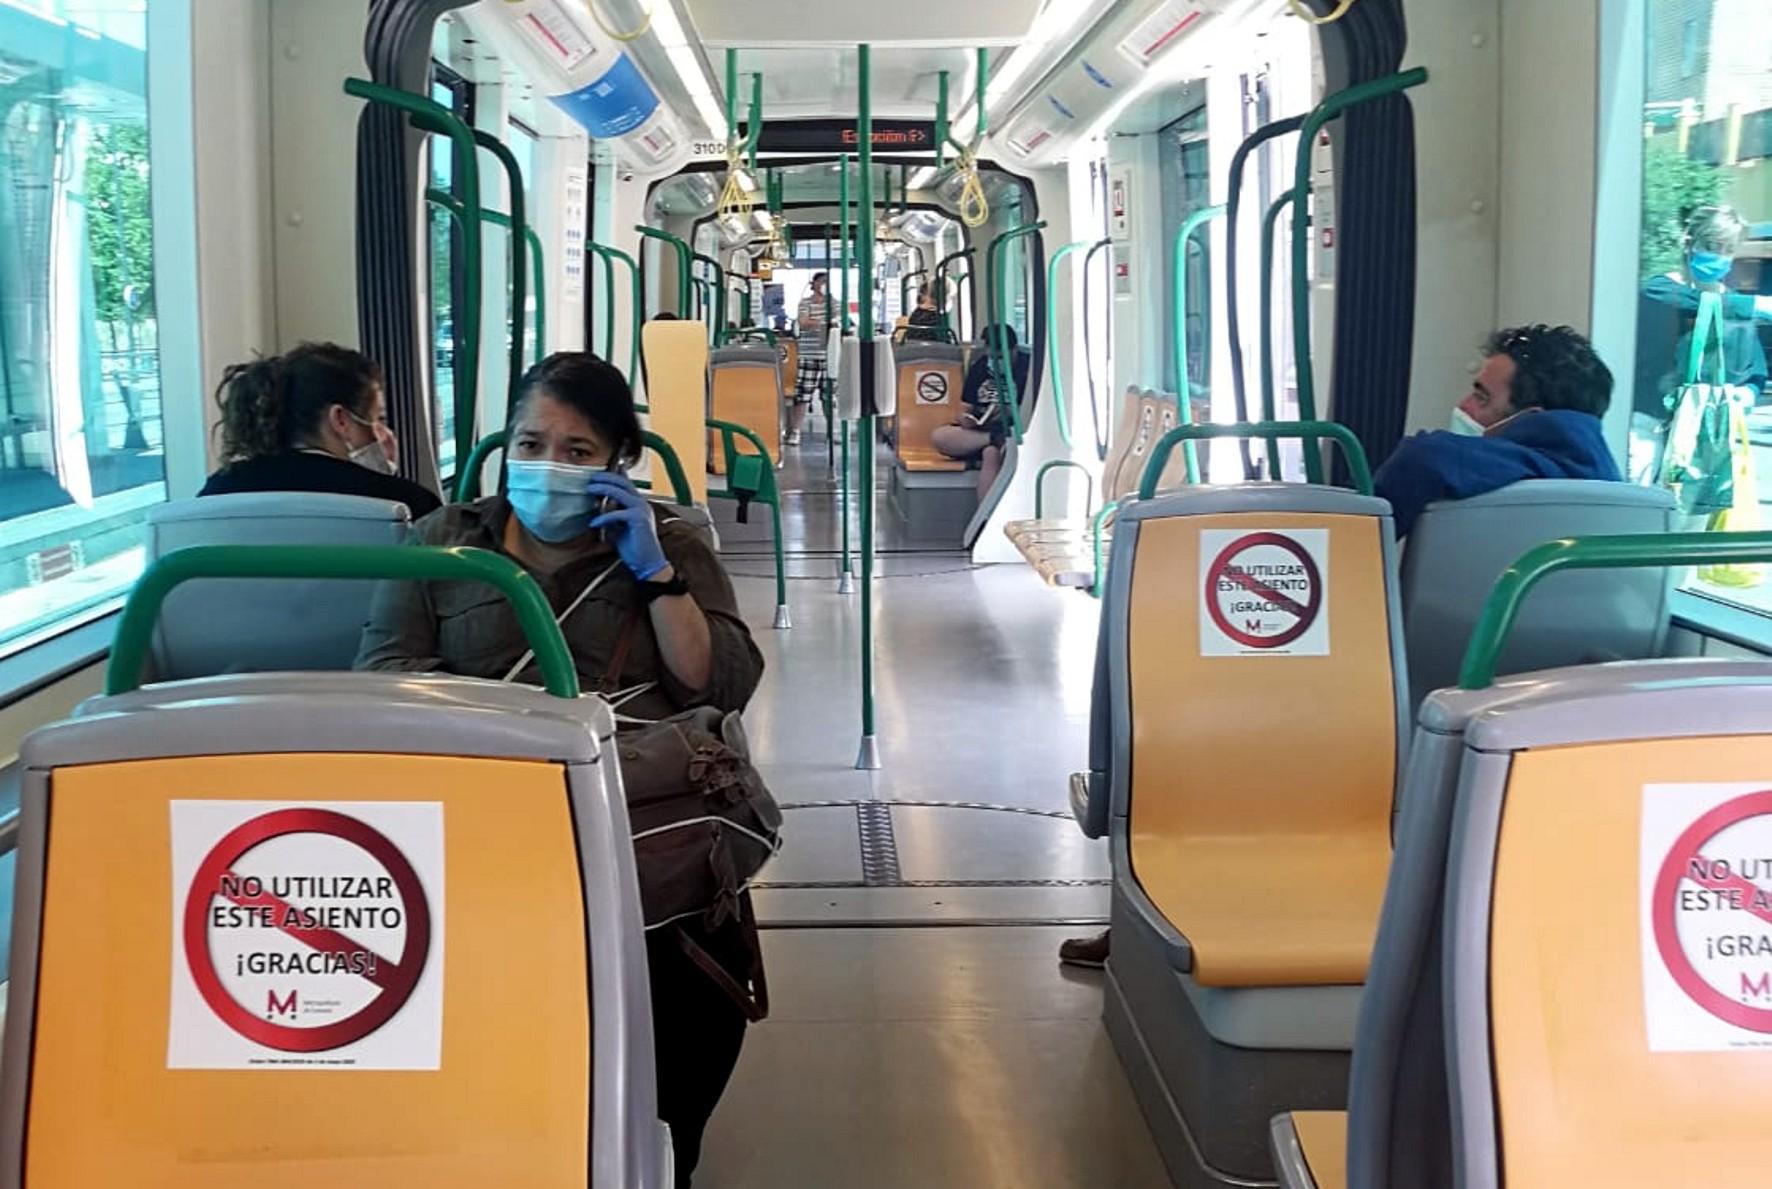 Menos de 60.000 viajeros usaron el Metro en abril, mínimo histórico desde su puesta en servicio